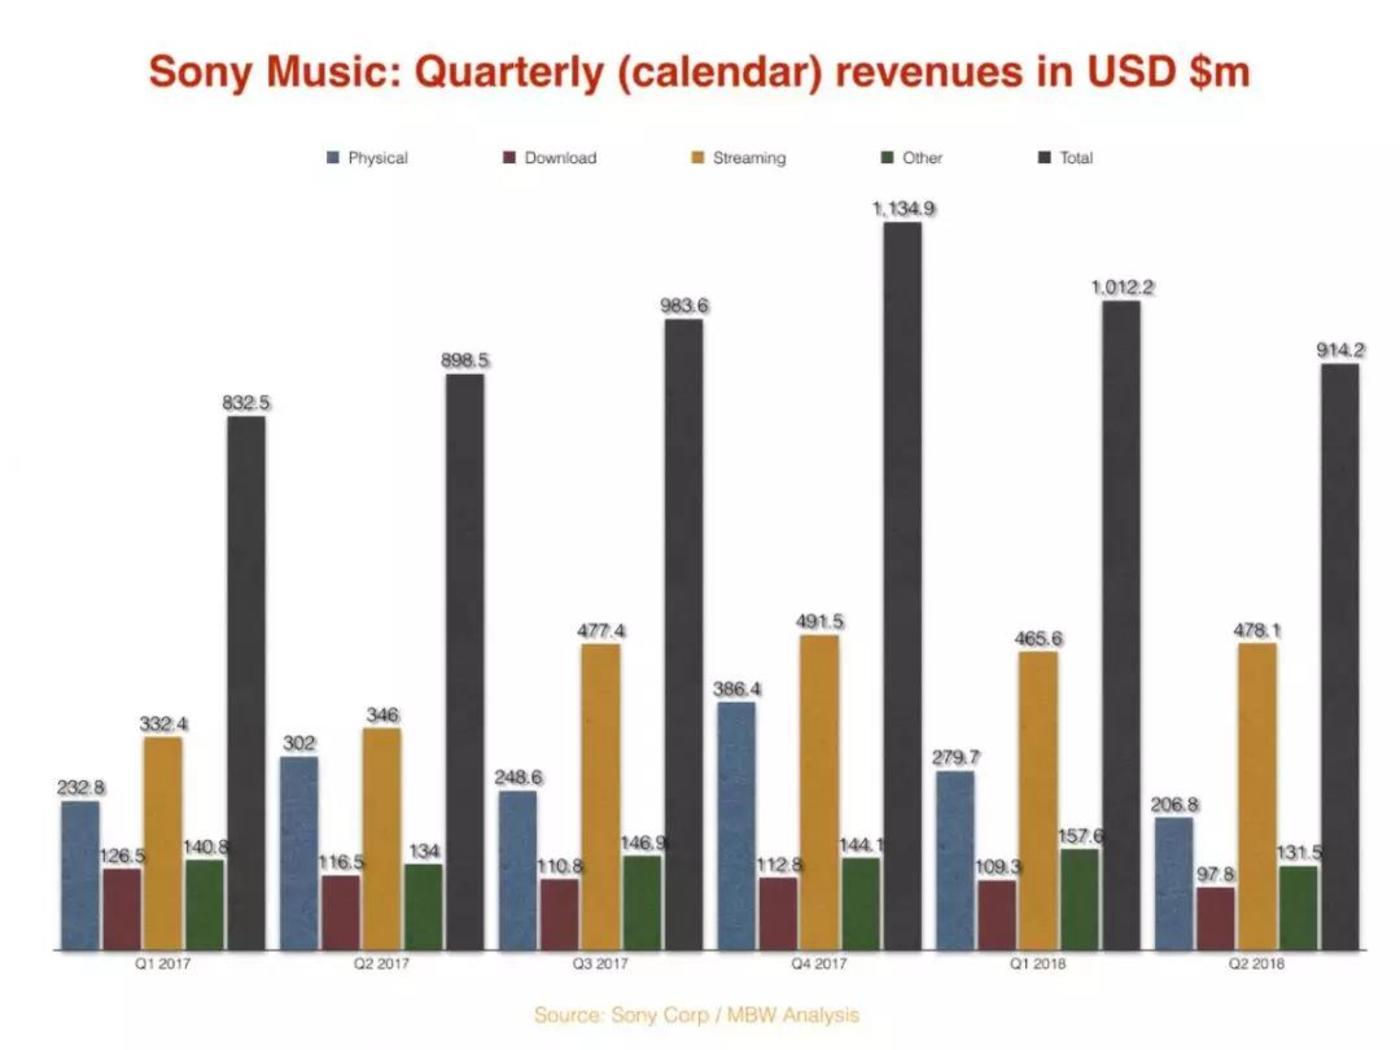 MBW整理的索尼财报数据2017Q1-2018Q2